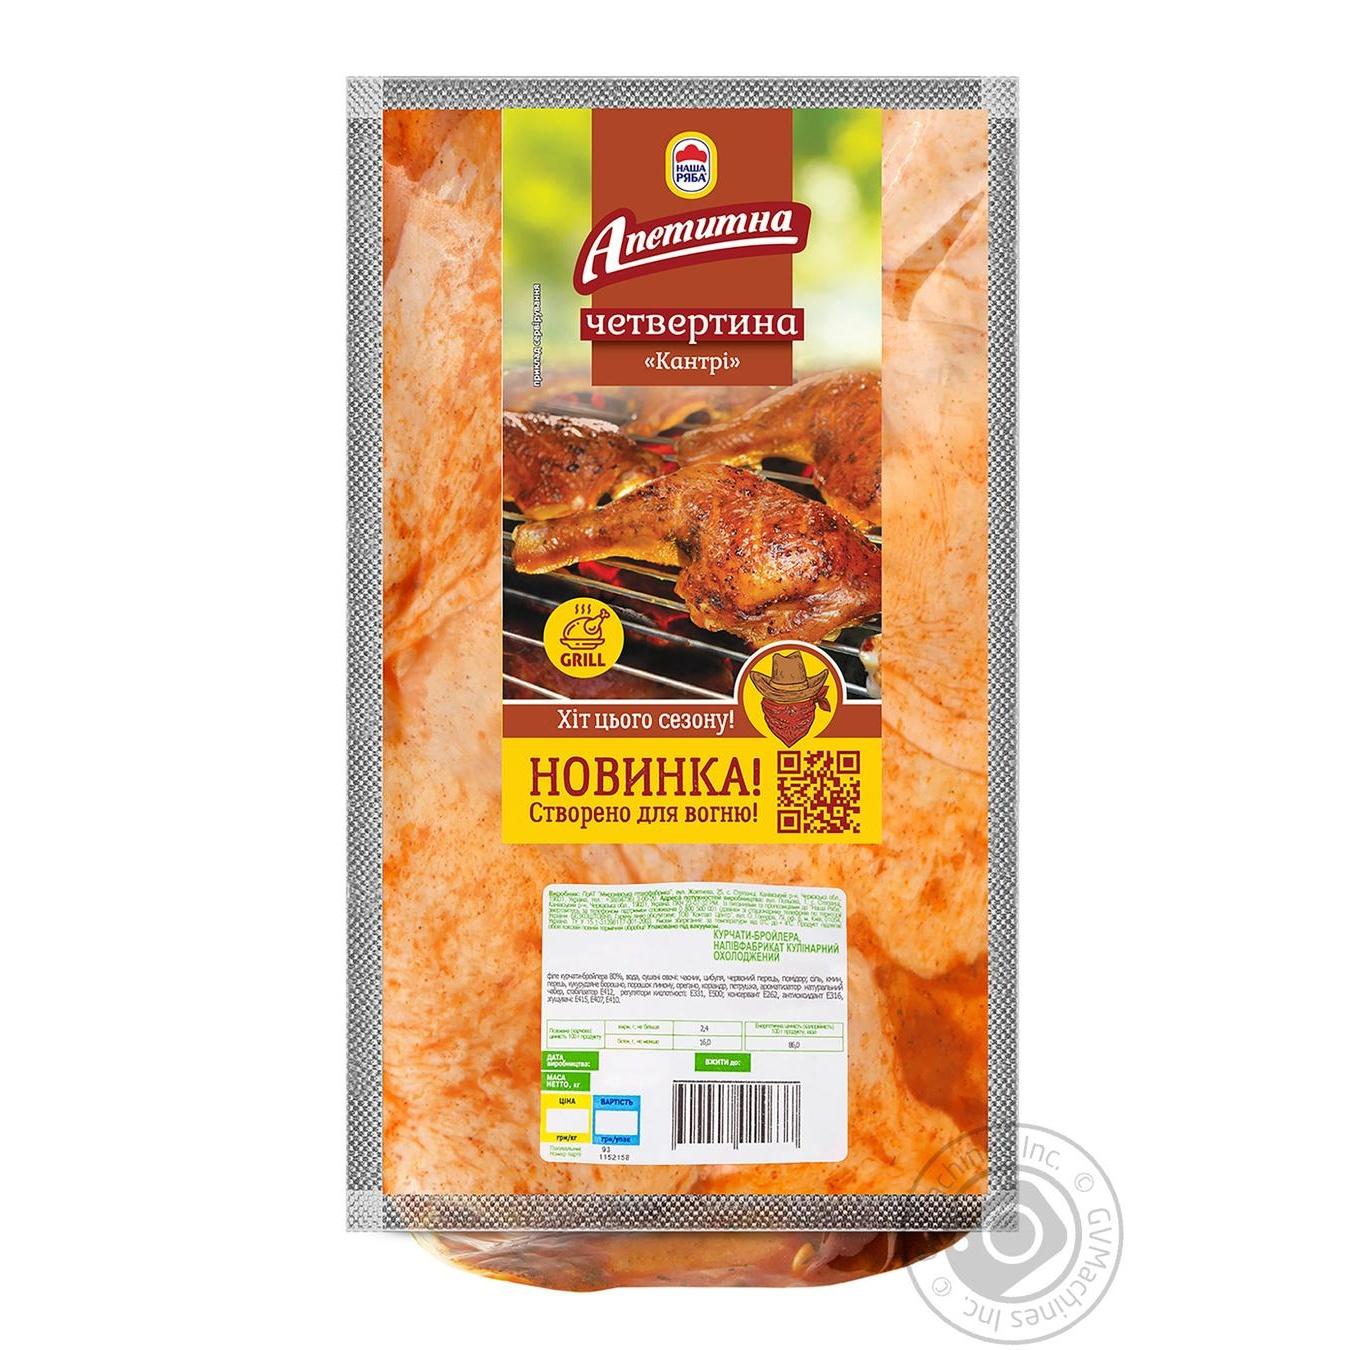 Купить Четверть Наша Ряба Аппетитная Кантри цыпленка-бройлера охлажденная (~ 1, 4кг вакуумная упаковка)